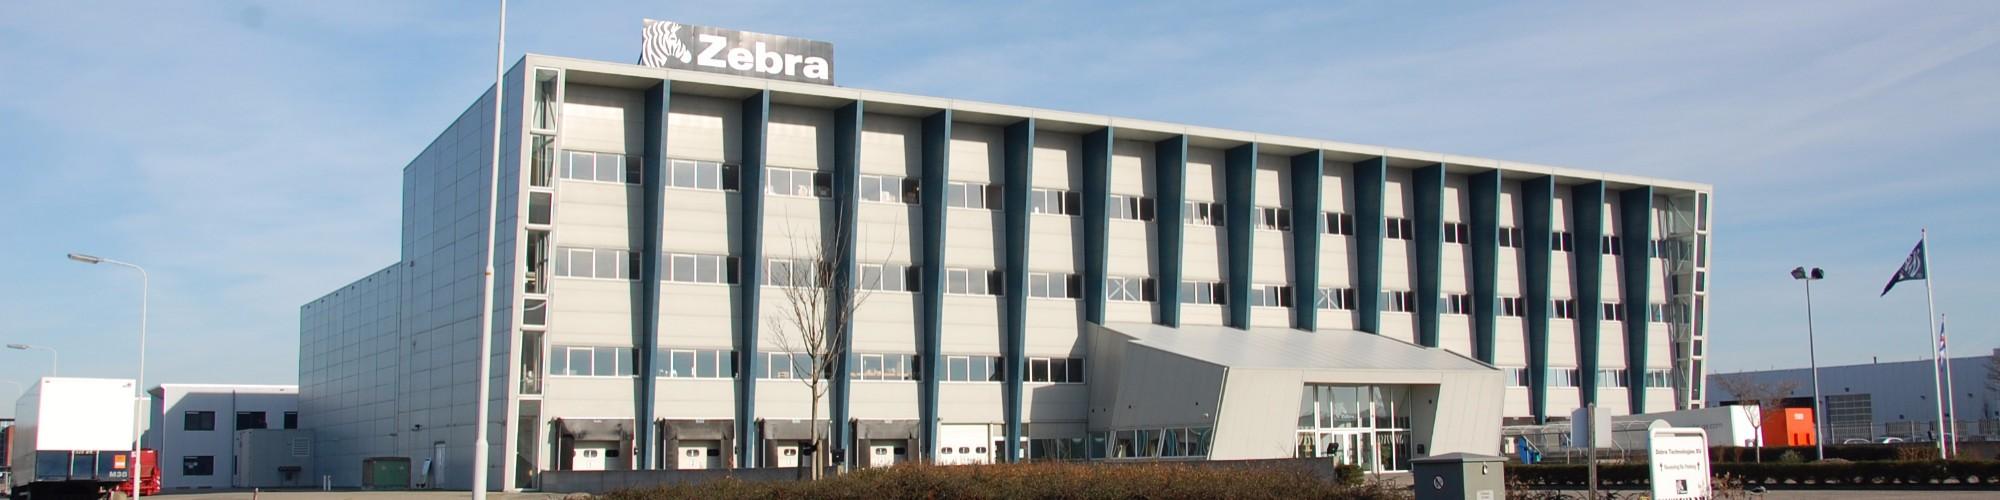 Zebra - Heerenveen.JPG